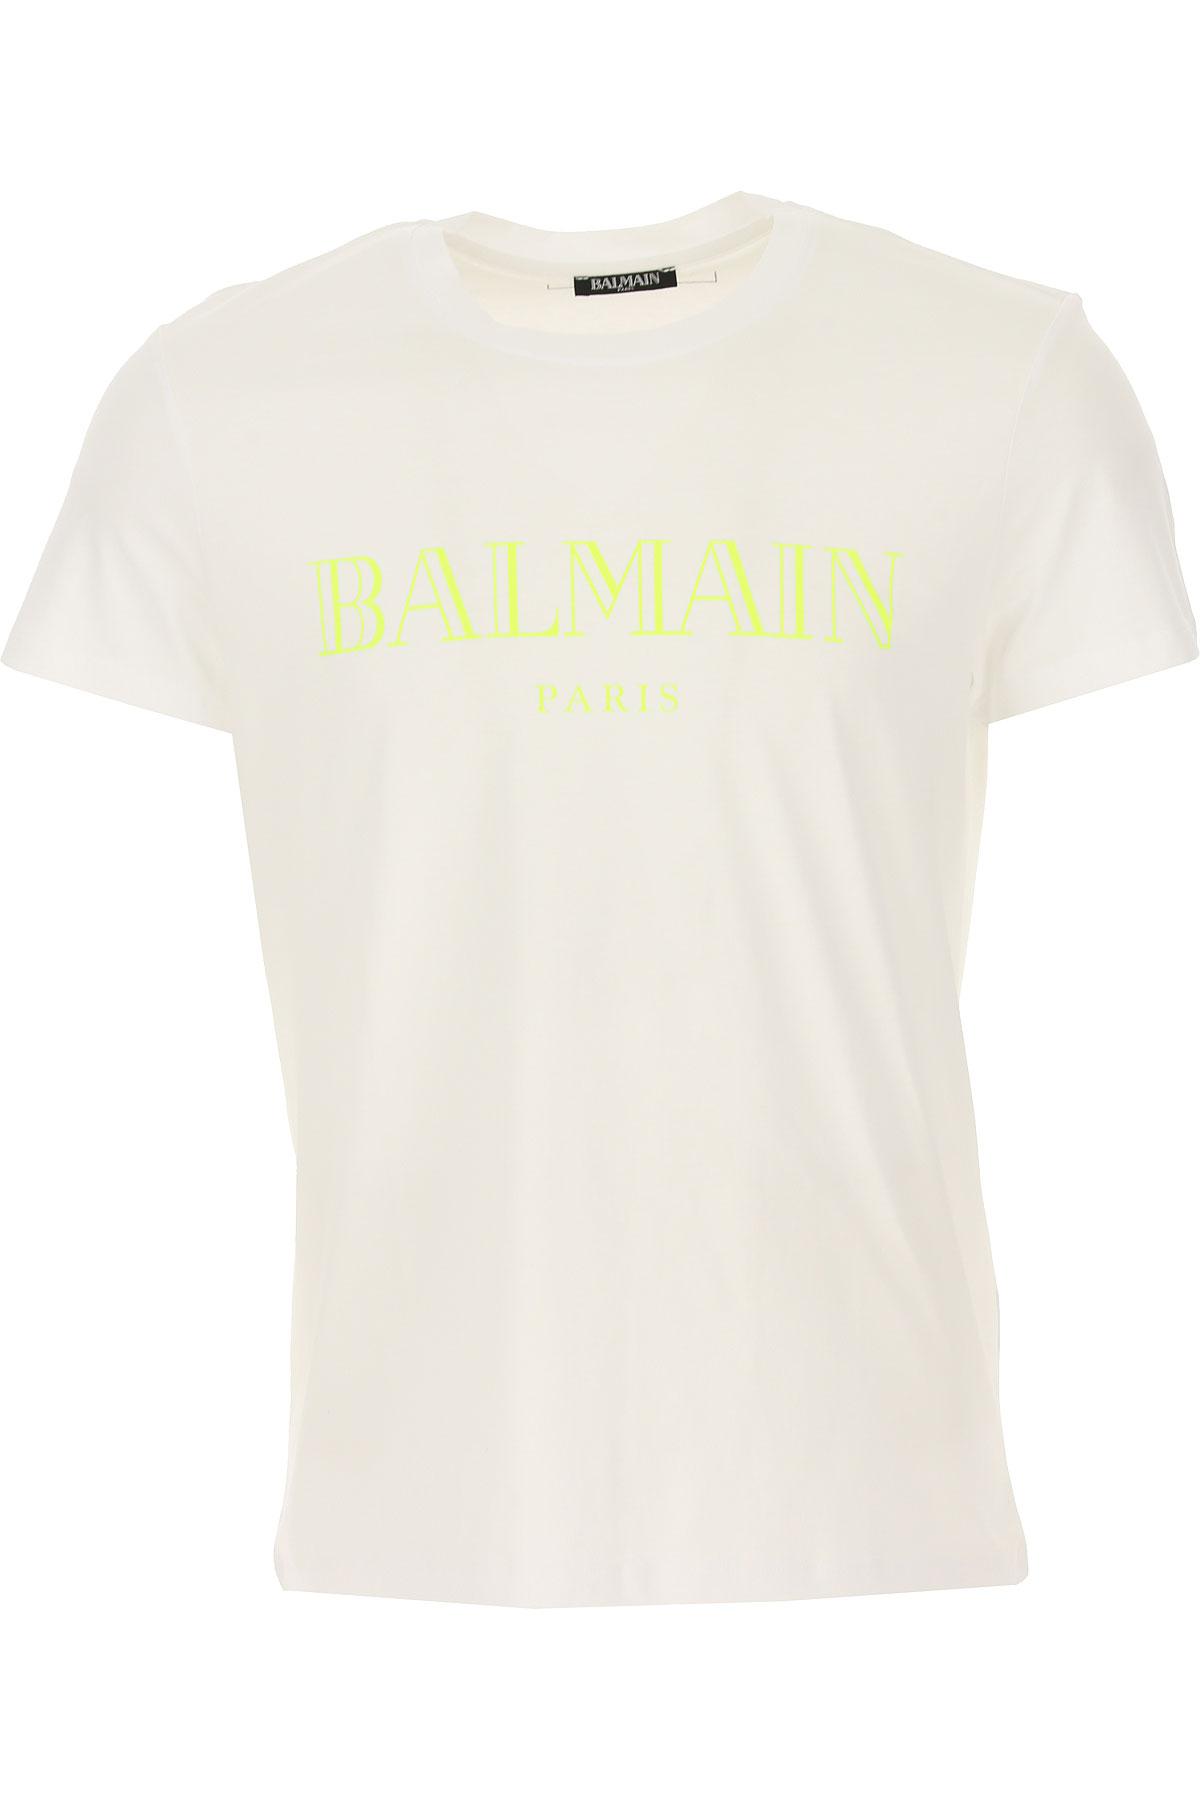 Balmain T-Shirt for Men, White, Cotton, 2017, L M S XL